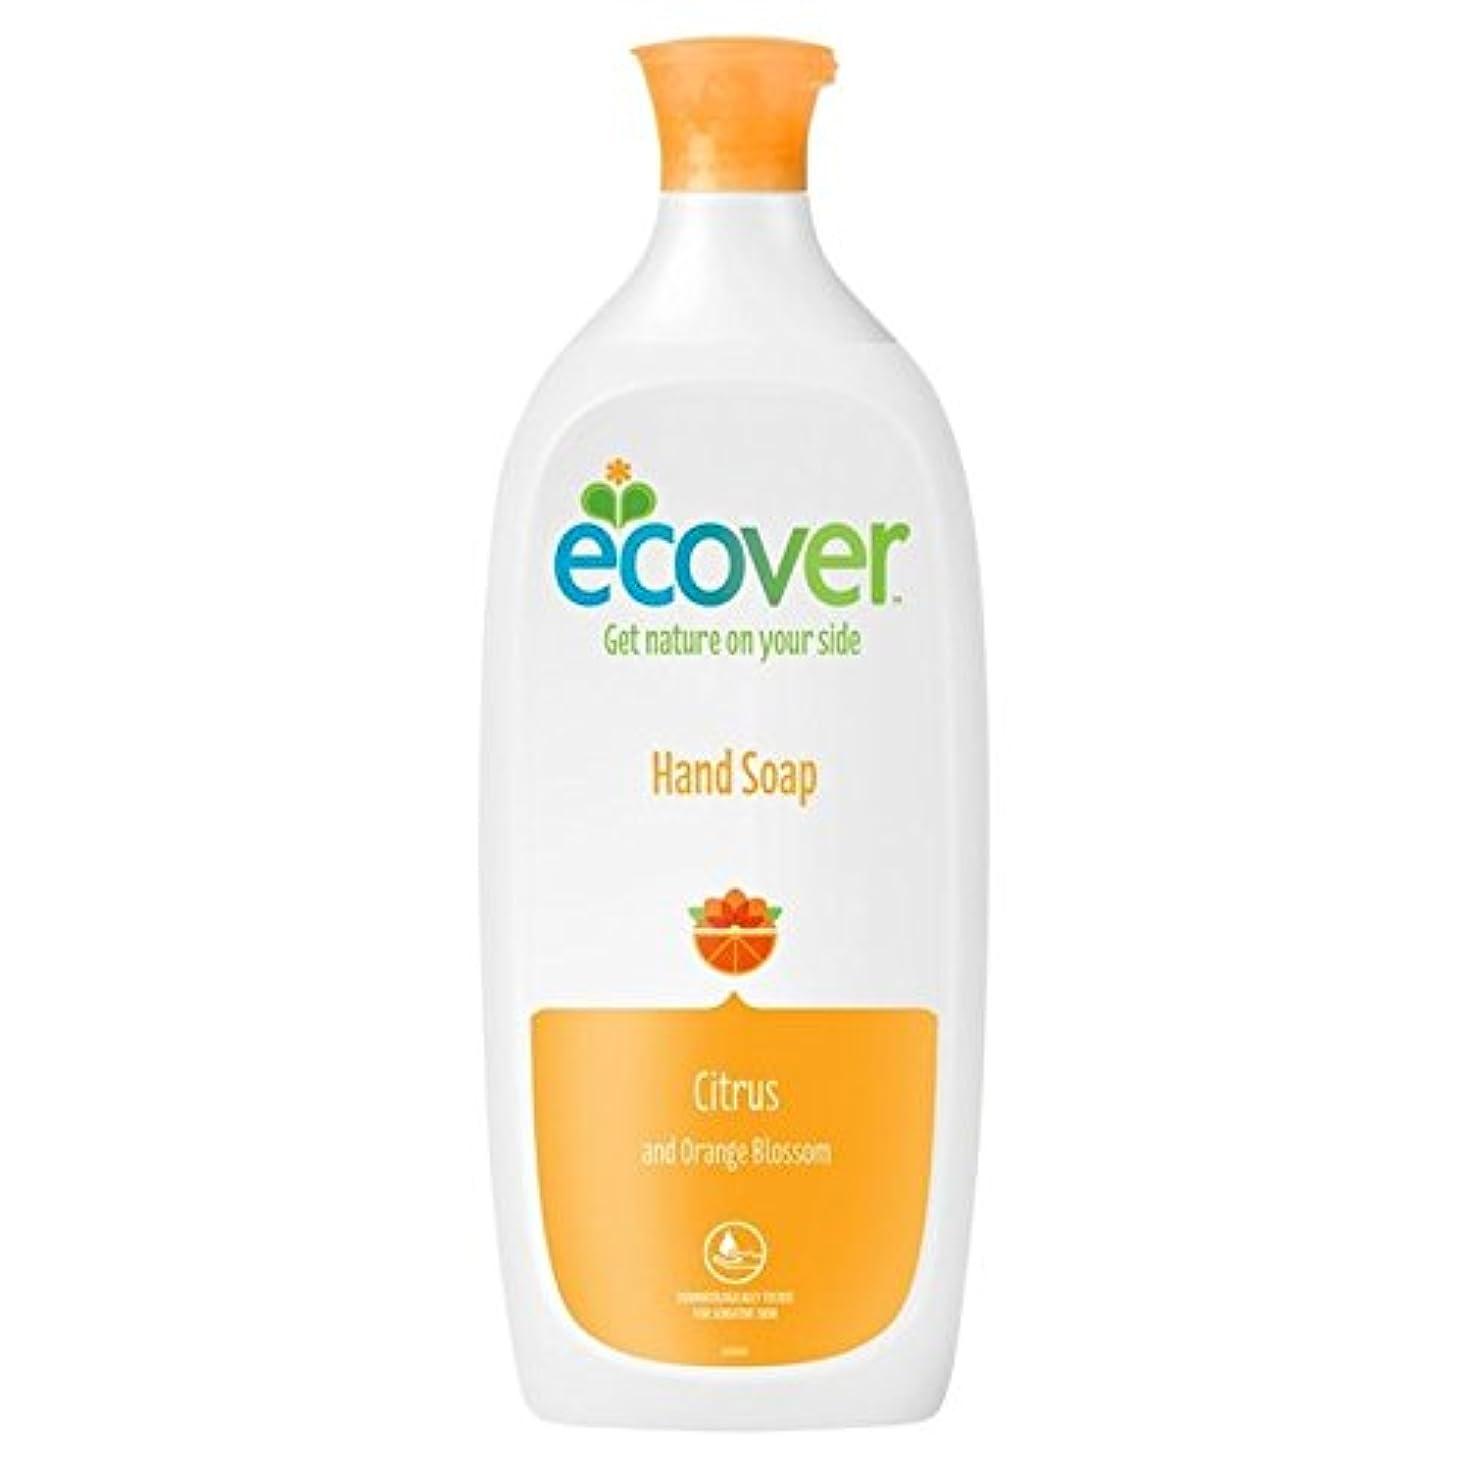 軽食汚れた着服Ecover Liquid Soap Citrus & Orange Blossom Refill 1L (Pack of 6) - エコベール液体石鹸シトラス&オレンジの花のリフィル1リットル x6 [並行輸入品]